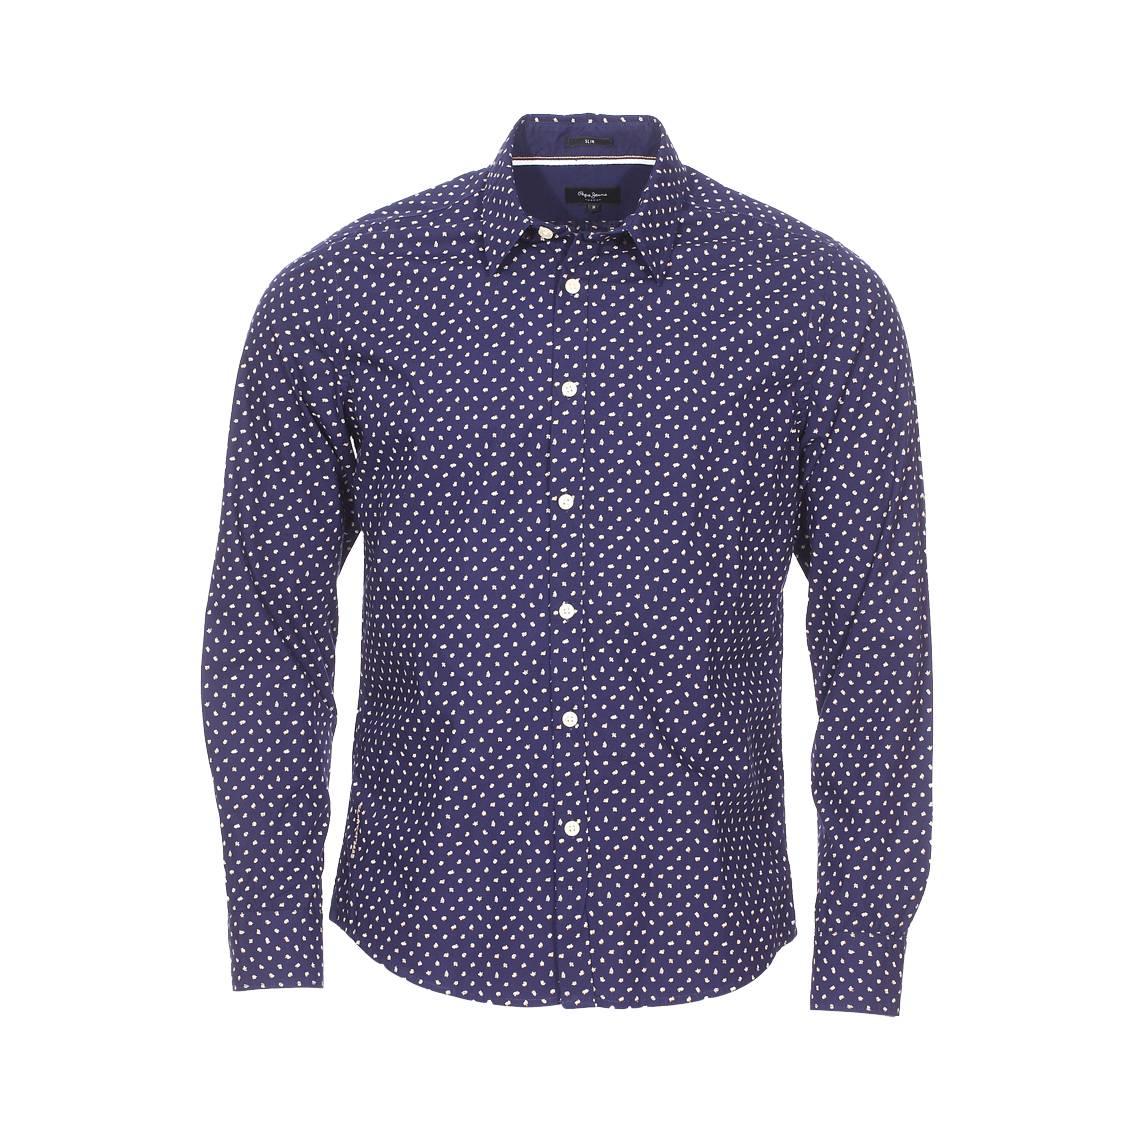 Chemise cintrée  halberton en coton bleu marine à motif